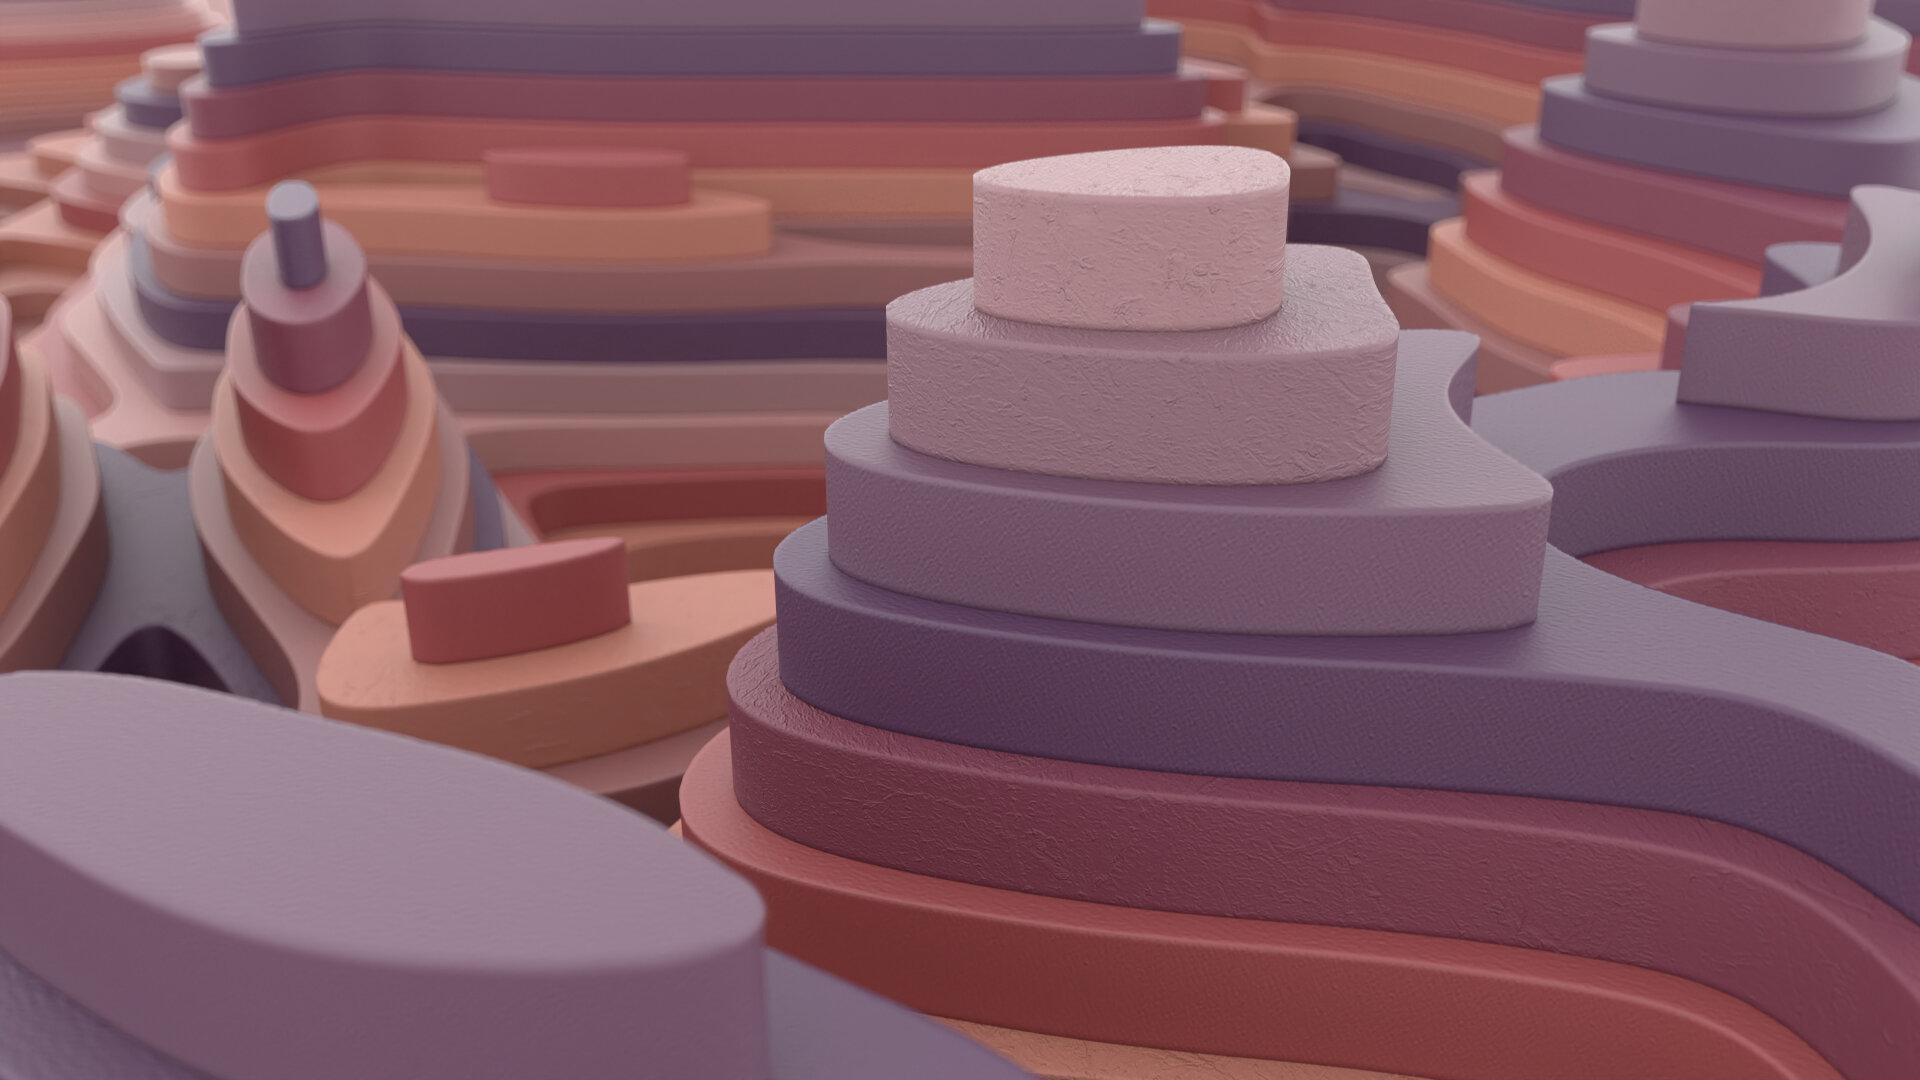 Slicer_Topography_Setup_NEWBUILD_v14.Redshift_ROP1.[0001-0240].exr Comp 1 (00229) copy.jpg